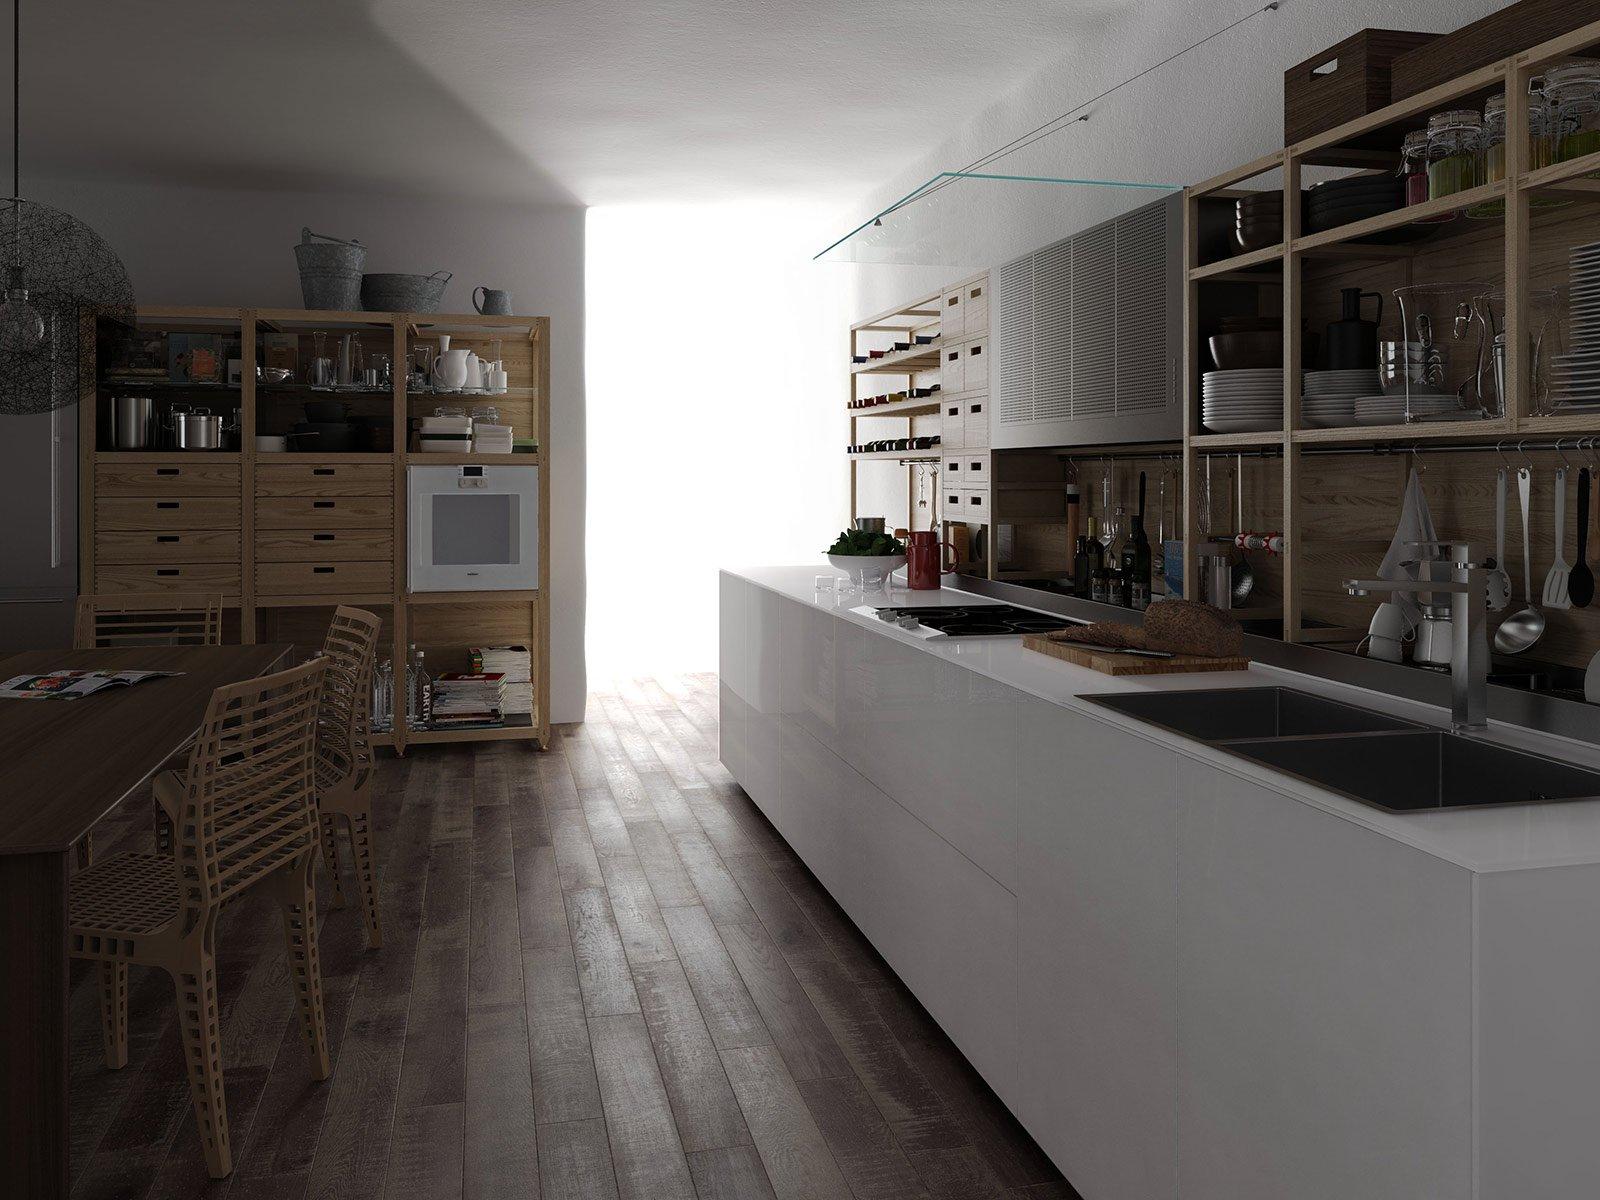 scaffalature metallo e legno: scaffali in legno da giardino: area ... - Scaffali Metallo E Vetro